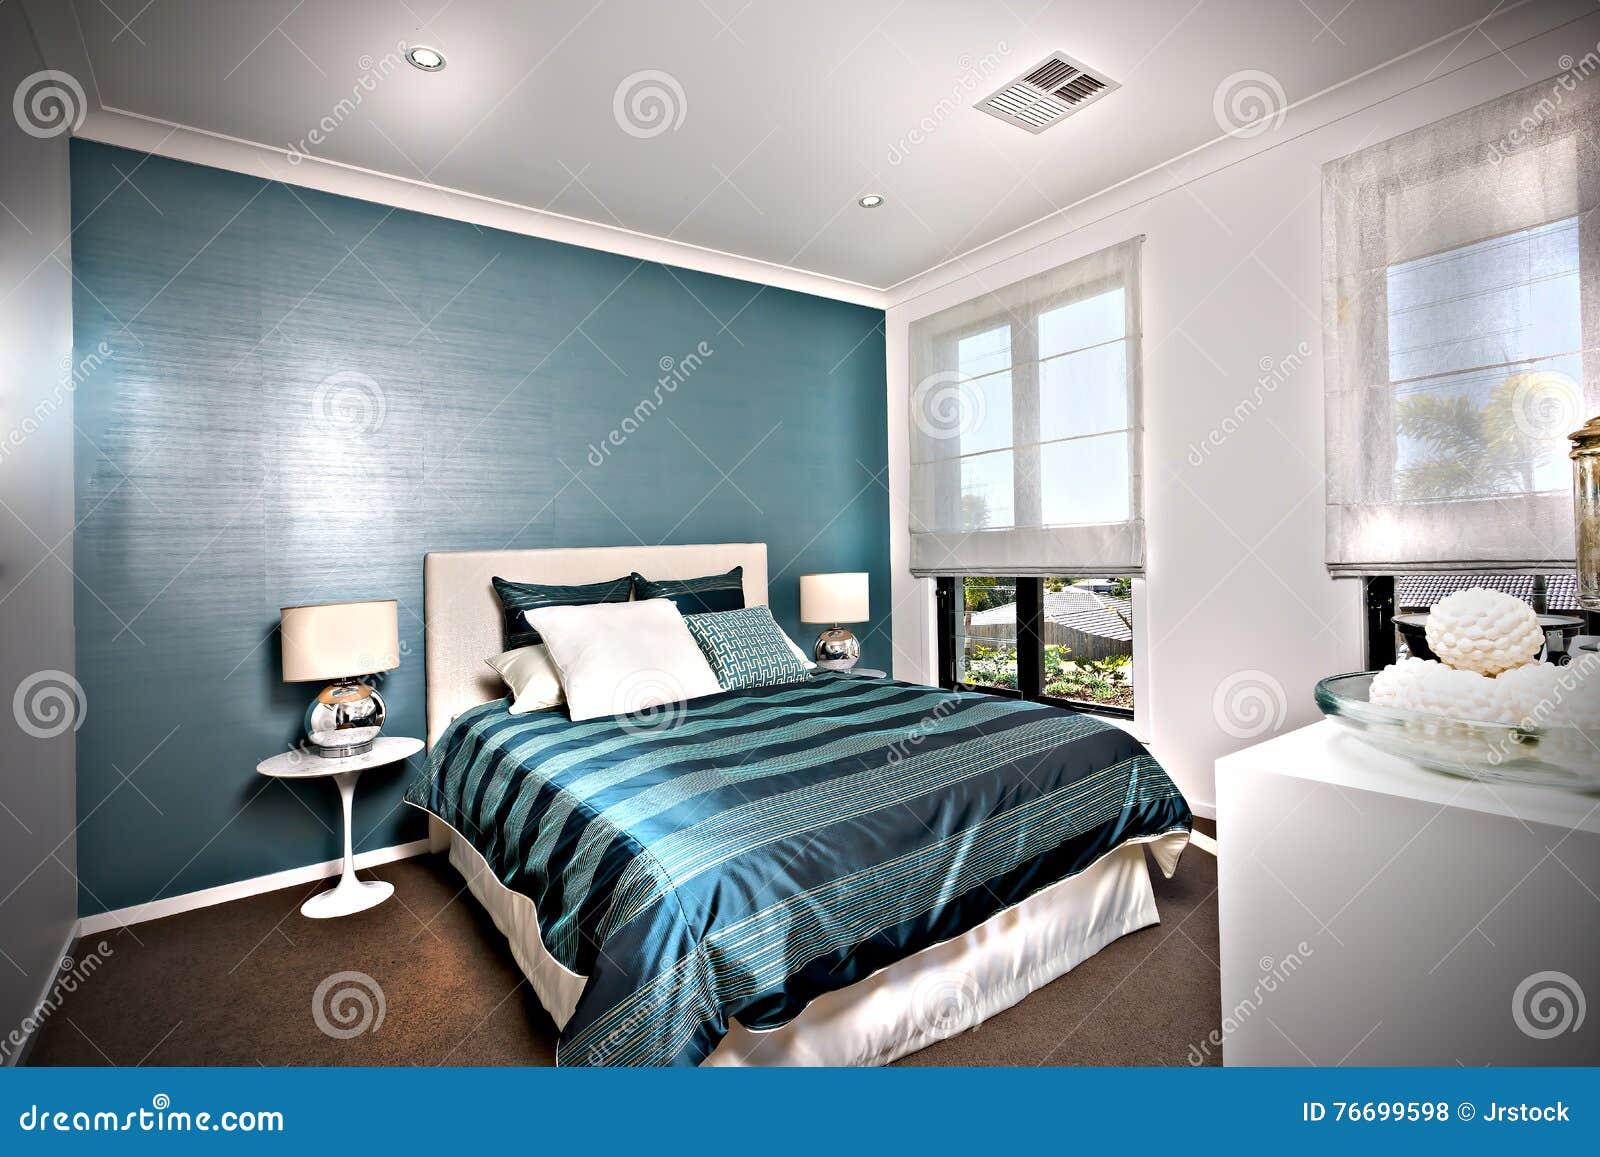 Glanzende en blauwe decoratieve slaapkamer met witte muren stock